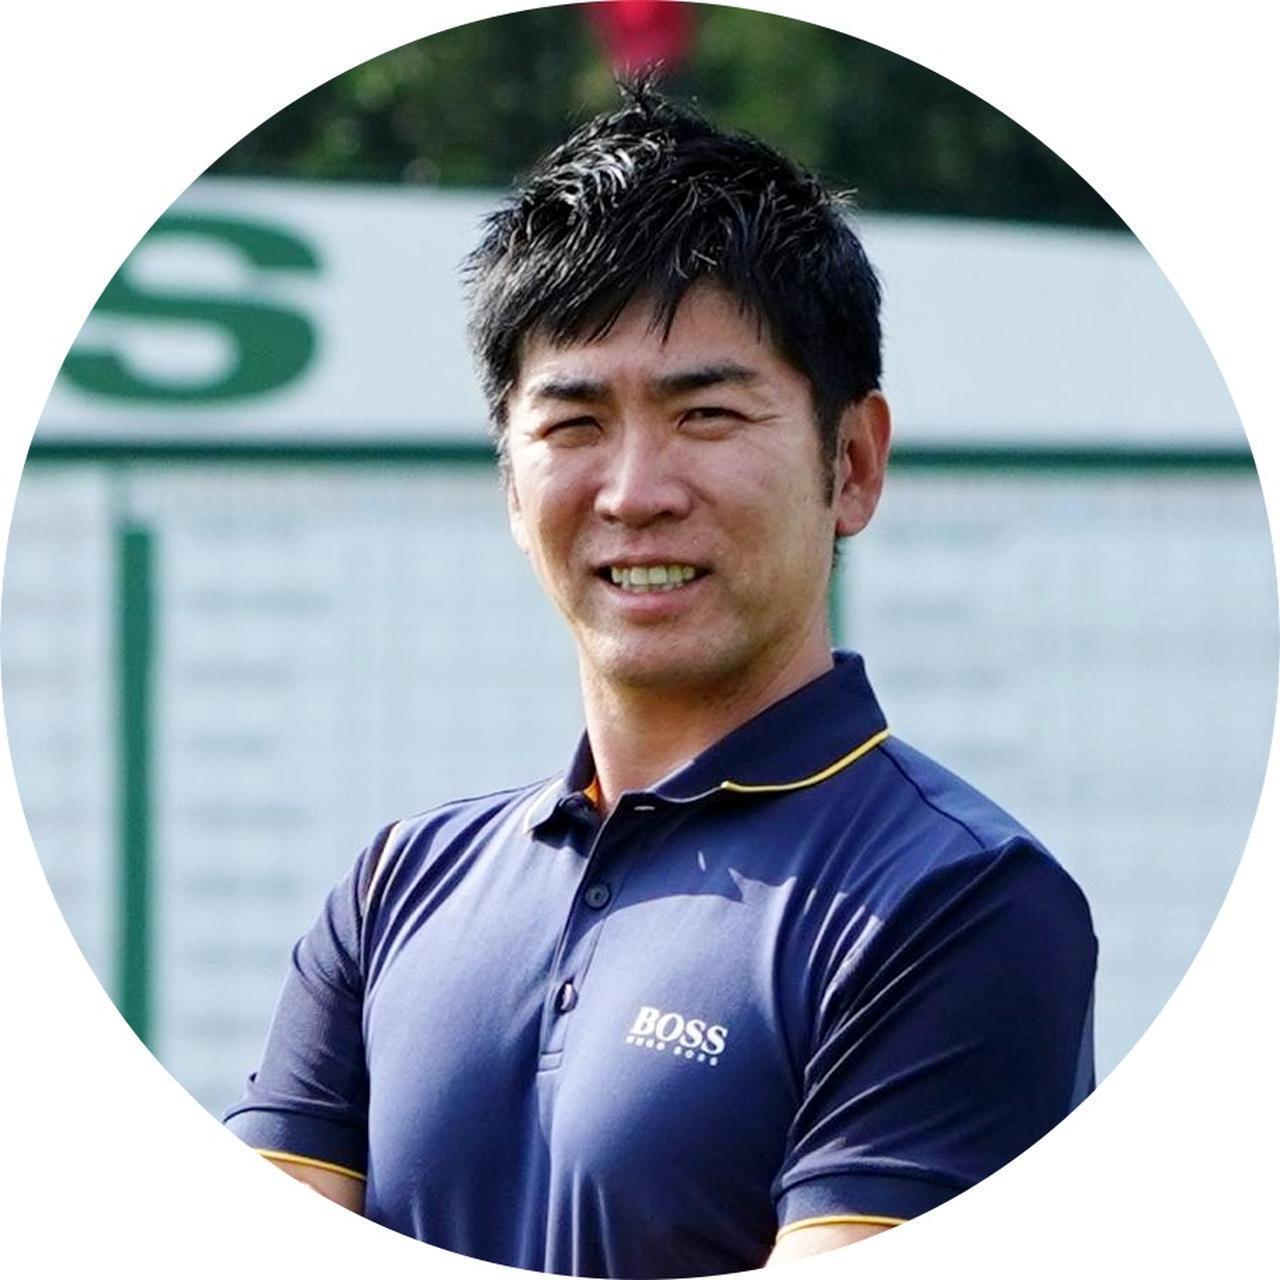 画像2: 【静岡・合宿】レッスン オブ ザ イヤー吉田洋一郎プロに反力打法を直接教わる。会場は東名CC 2日間 2プレー(一人予約可能) - ゴルフへ行こうWEB by ゴルフダイジェスト